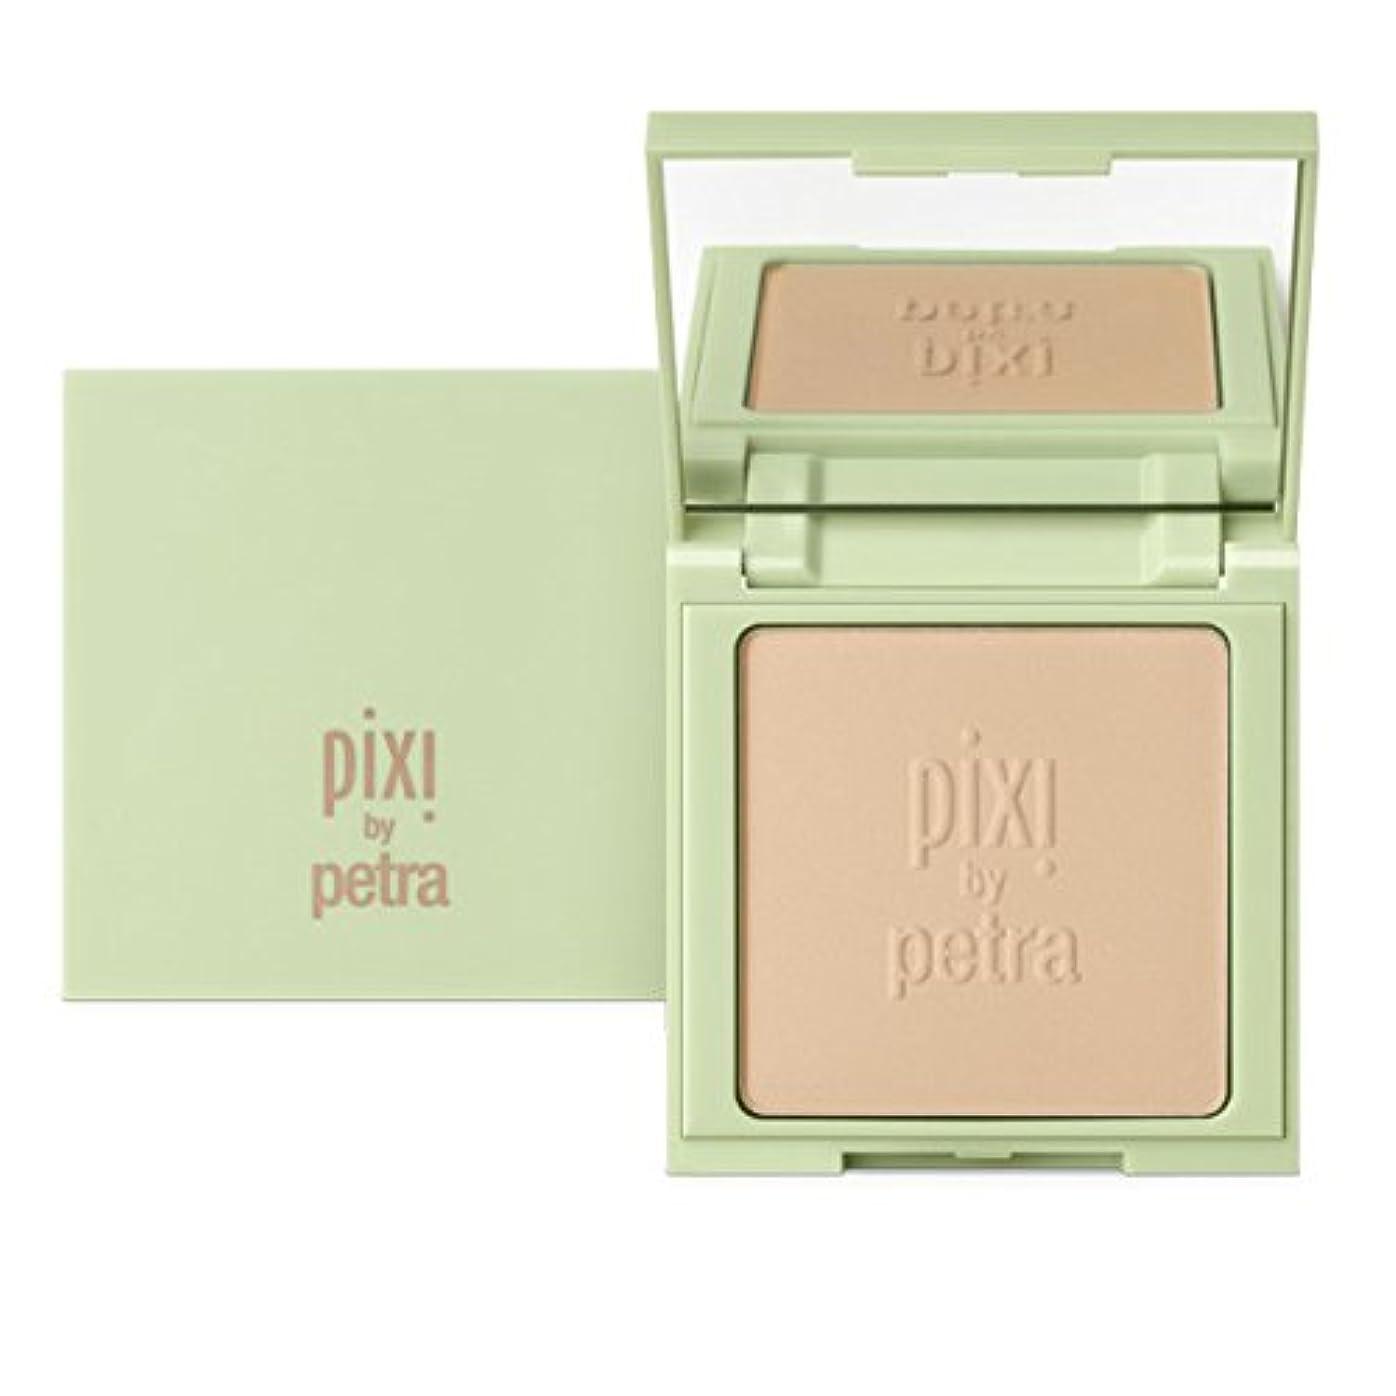 アラスカ悪因子め言葉Pixi Colour Correcting Powder Foundation - No.2 Nude (並行輸入品) [並行輸入品]